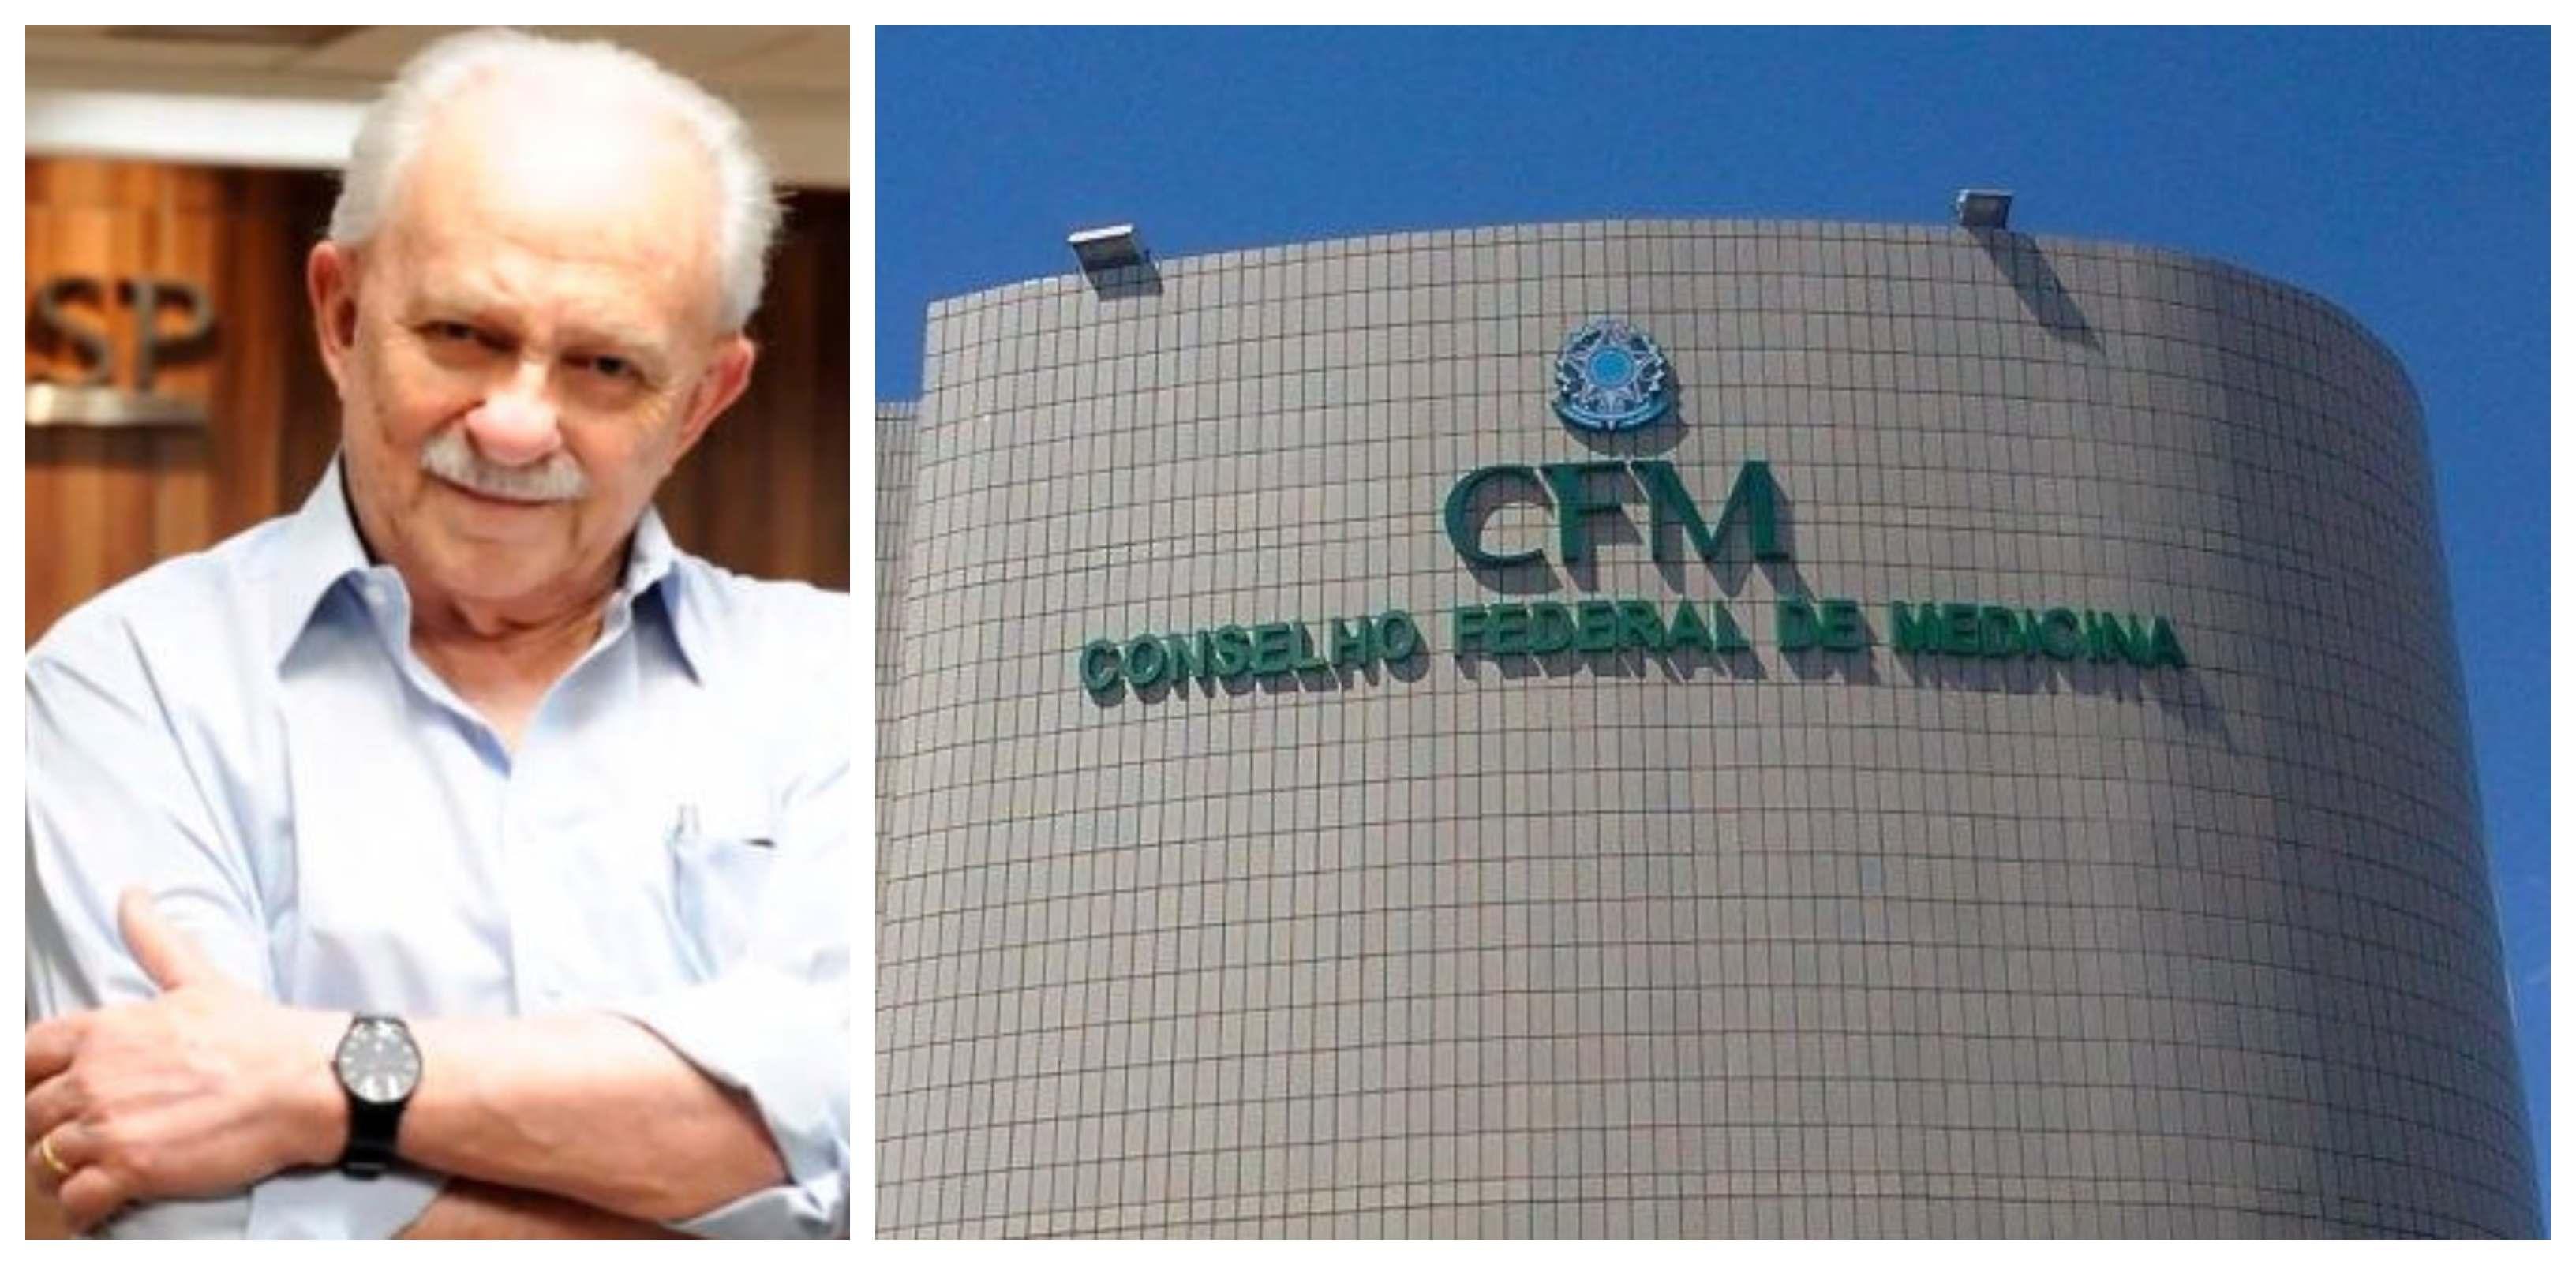 Gabriel Oselka, ex-presidente do CFM, critica conselhos por se calarem sobre médicos que receitam e divulgam fake news a respeito de 'tratamento precoce' para covid